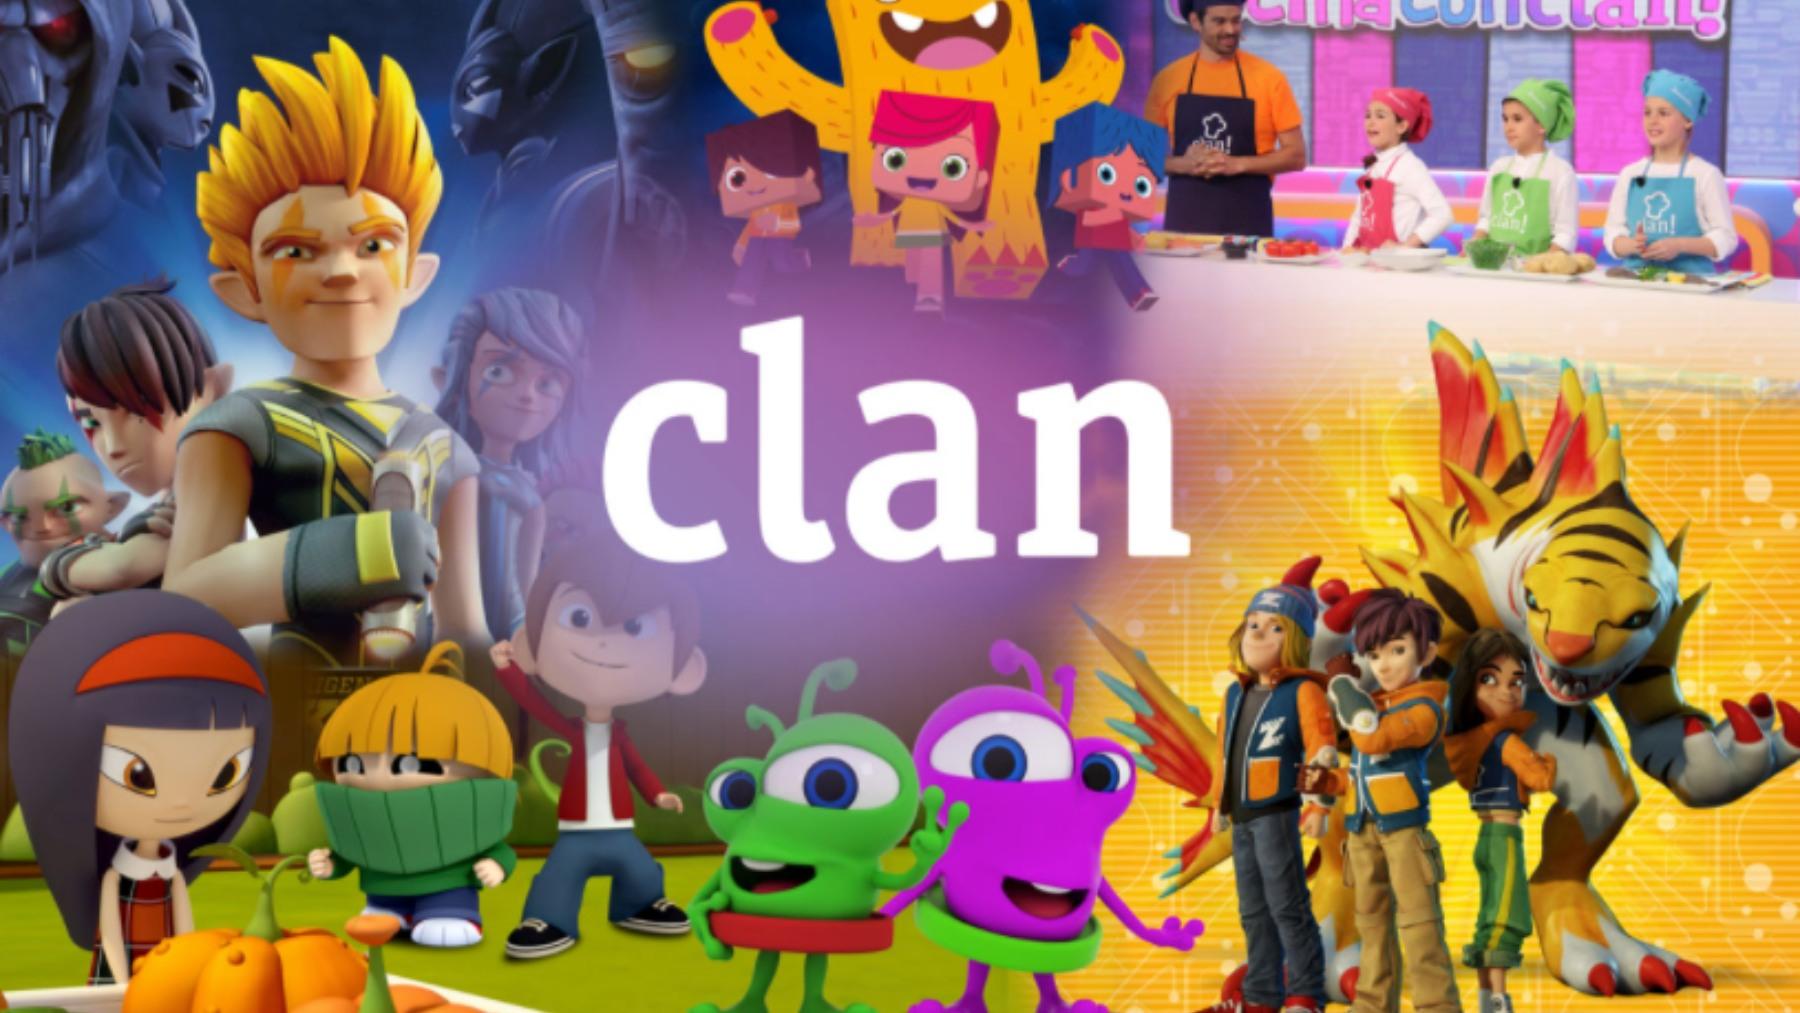 Clan, el canal de RTVE que servirá de plataforma a este convenio.